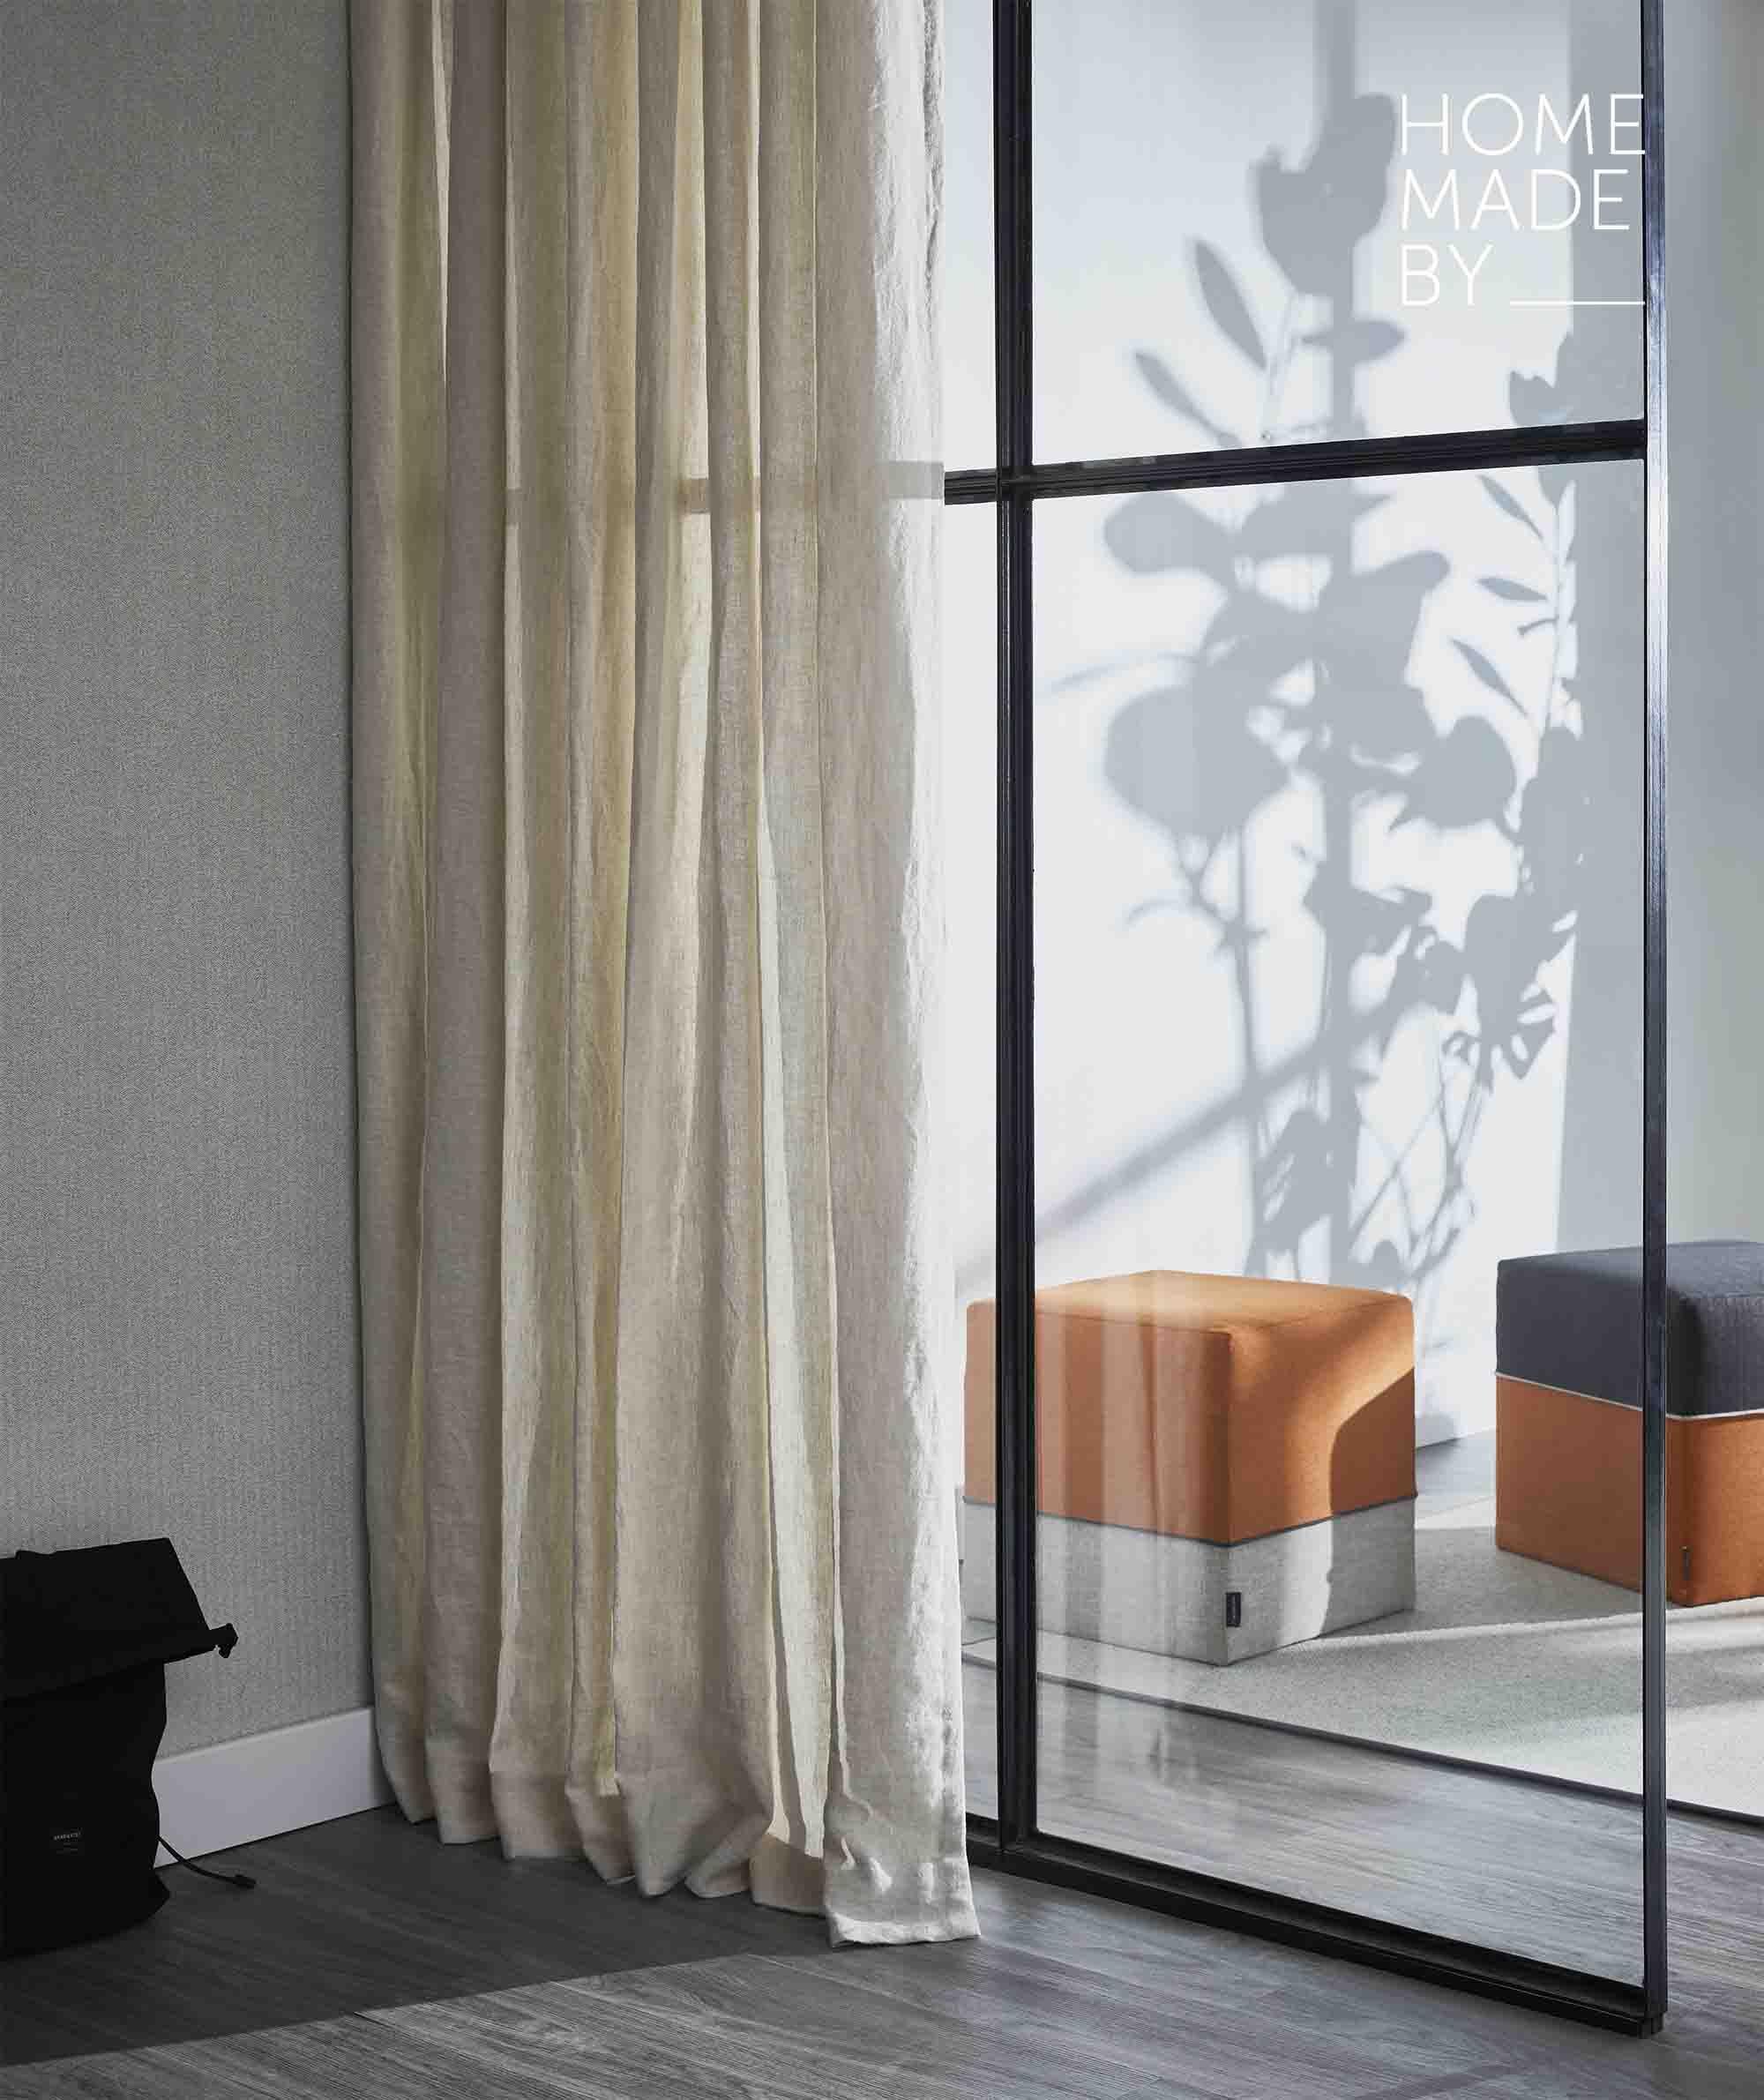 Interieur Ideeen Gordijnen.Home Made By Stijl Loft Voorjaar 2019 Woonkamer Inspiratie